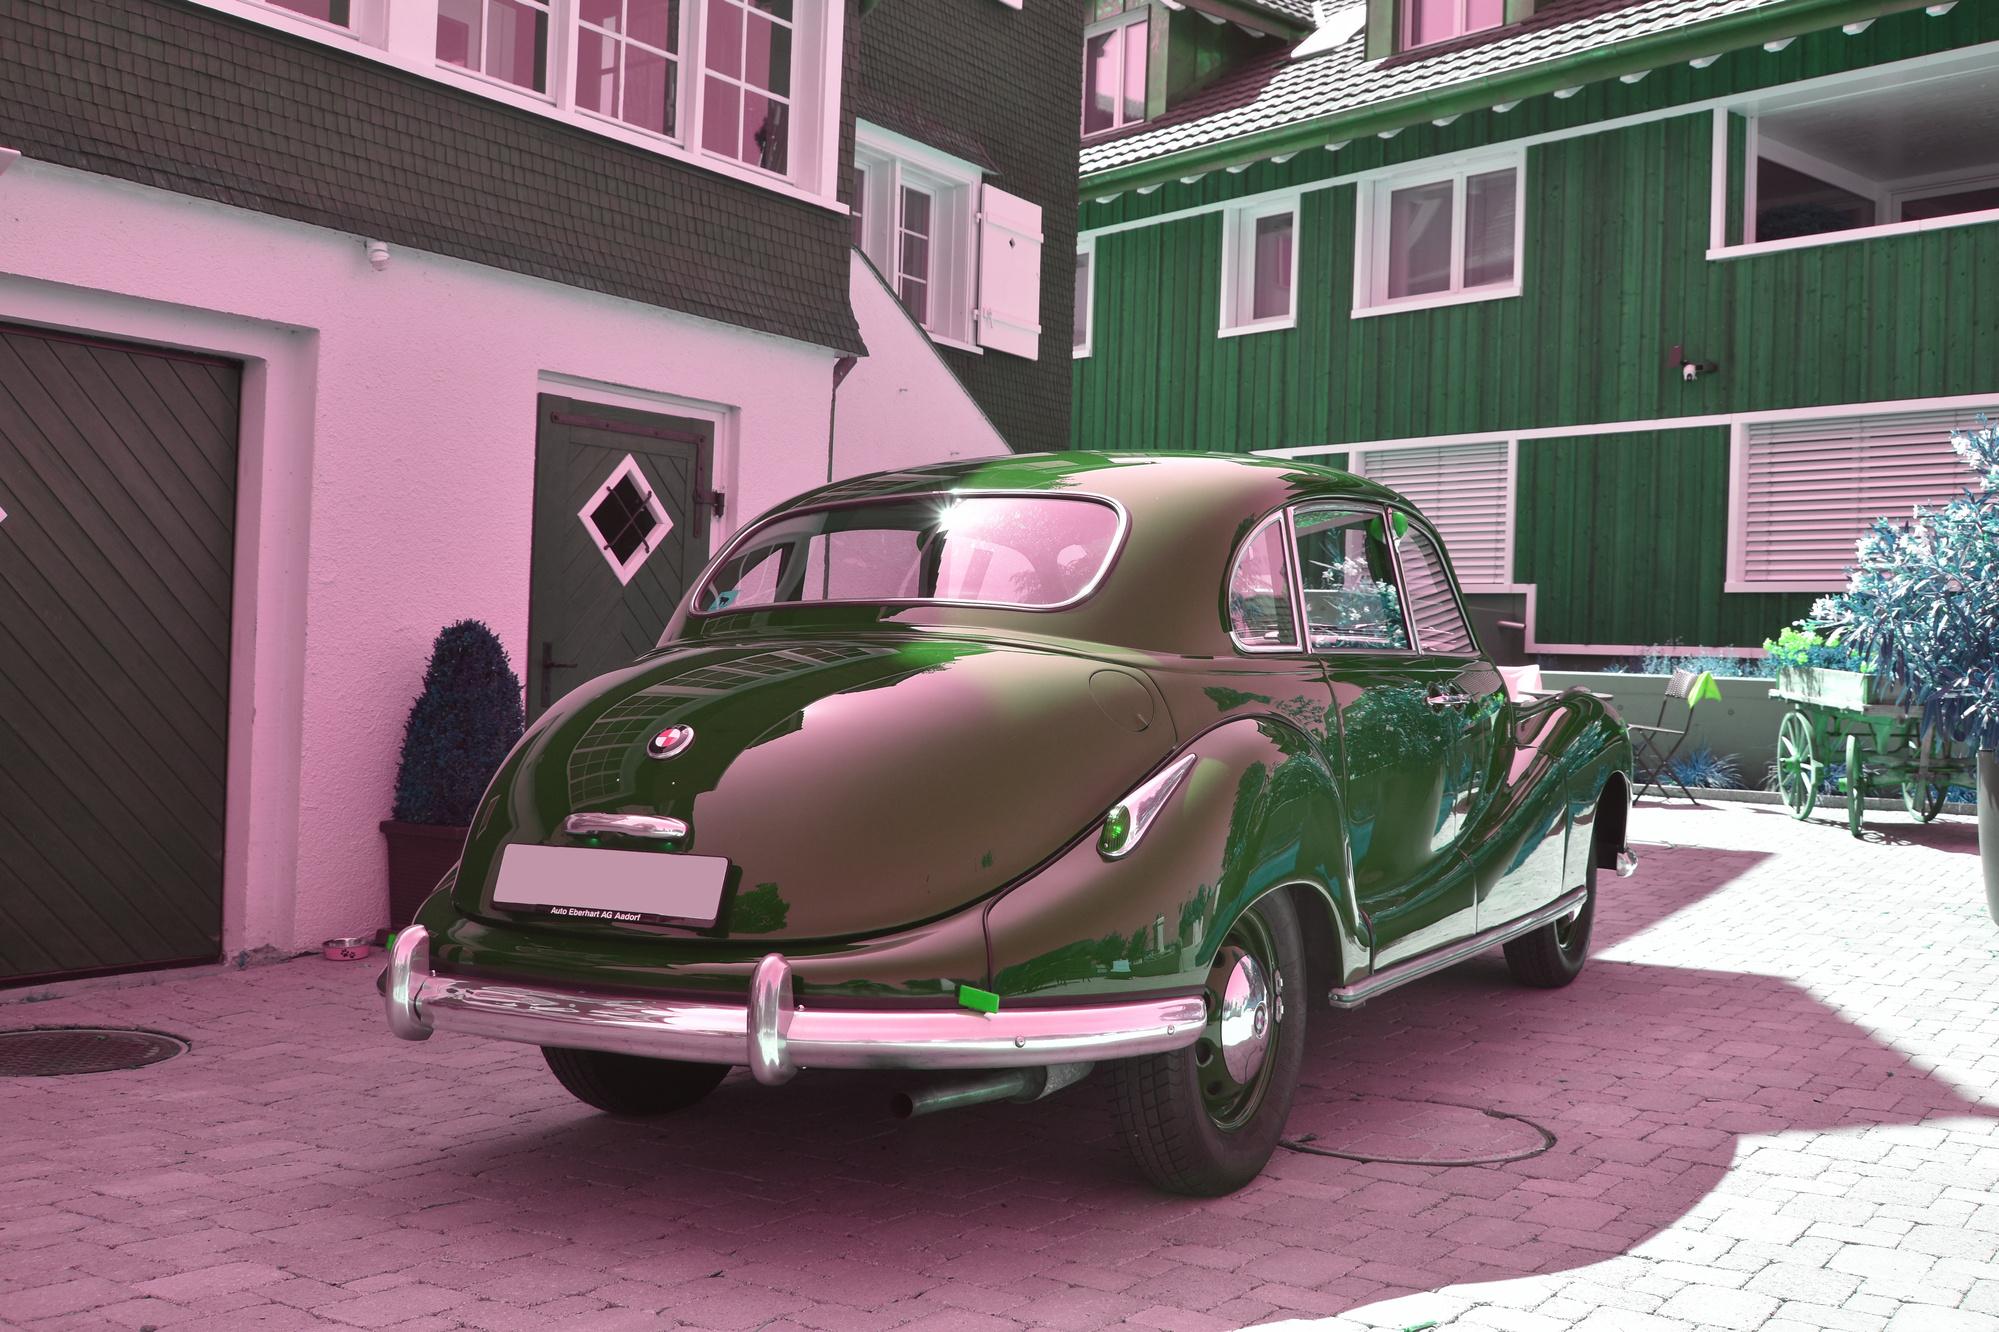 Maron-farbener BMW 501 A Oldtimer aus 1954 in Ansicht von hinten vor einem historischen Wohngebäude